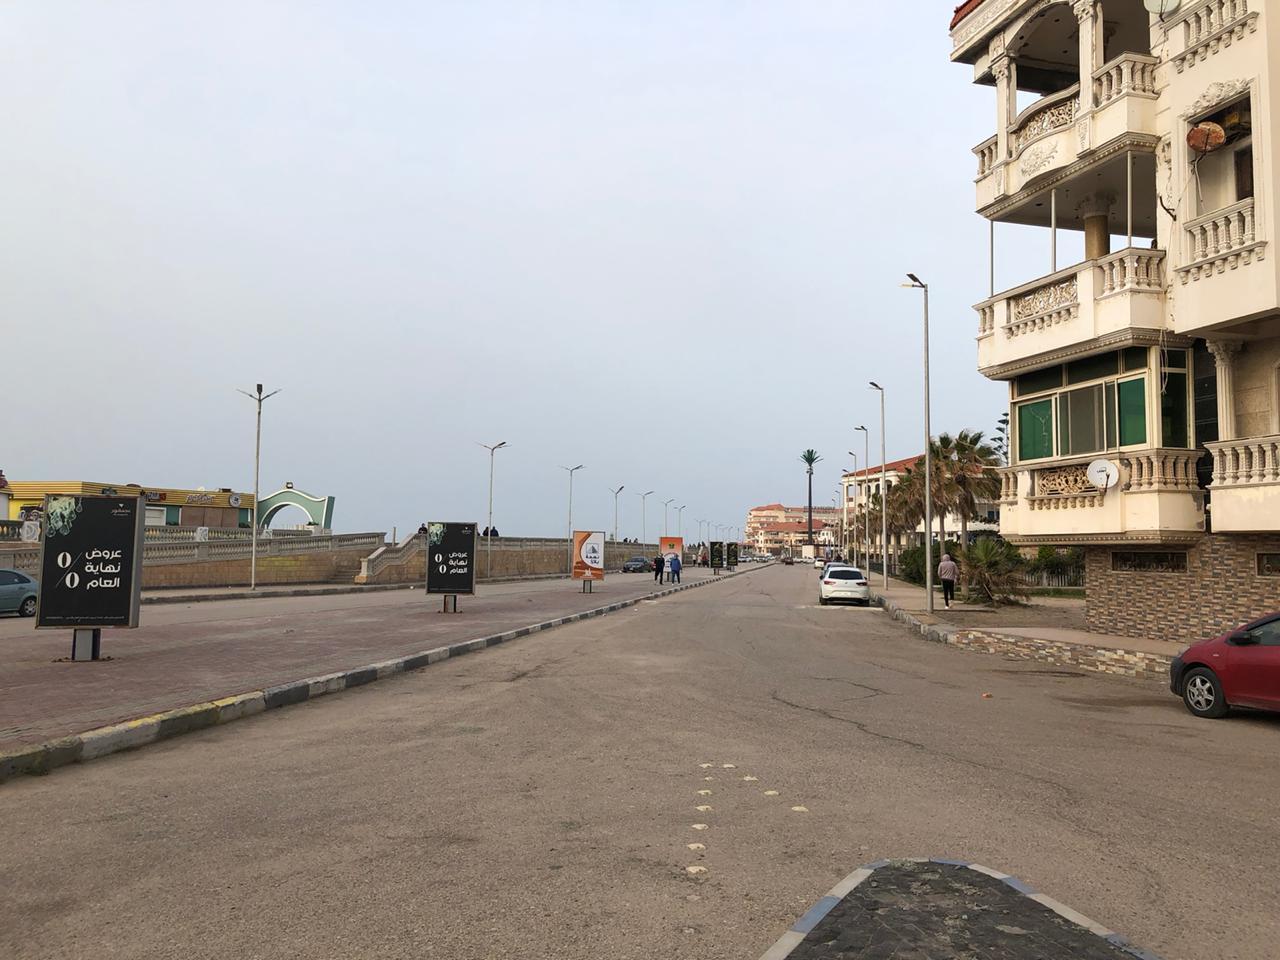 الأمن يفض تجمعات بشرية بمنطقة اللسان فى رأس البر (1)